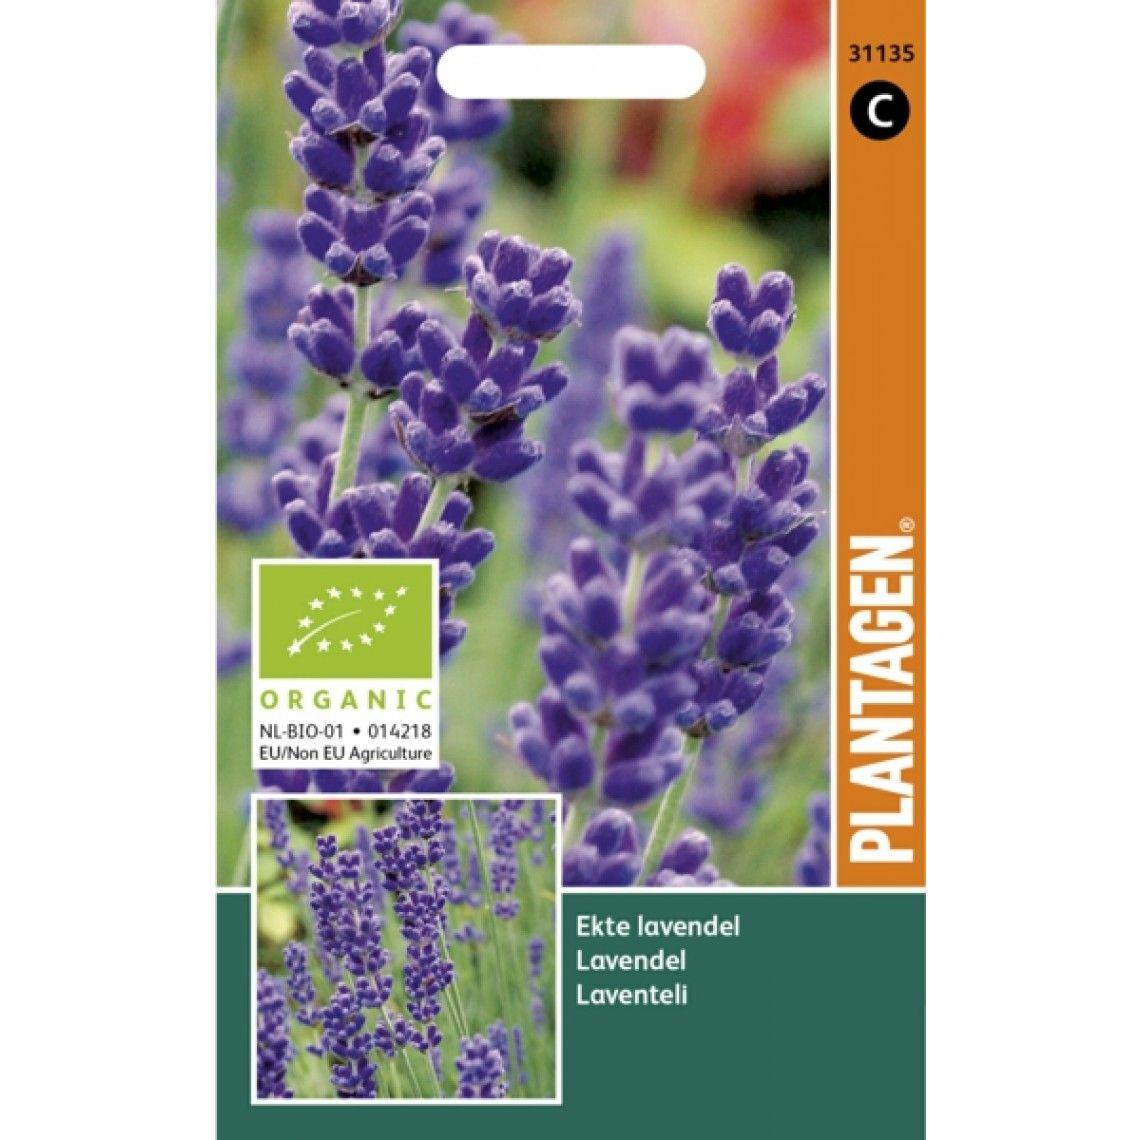 Frø organic ekte Lavendel